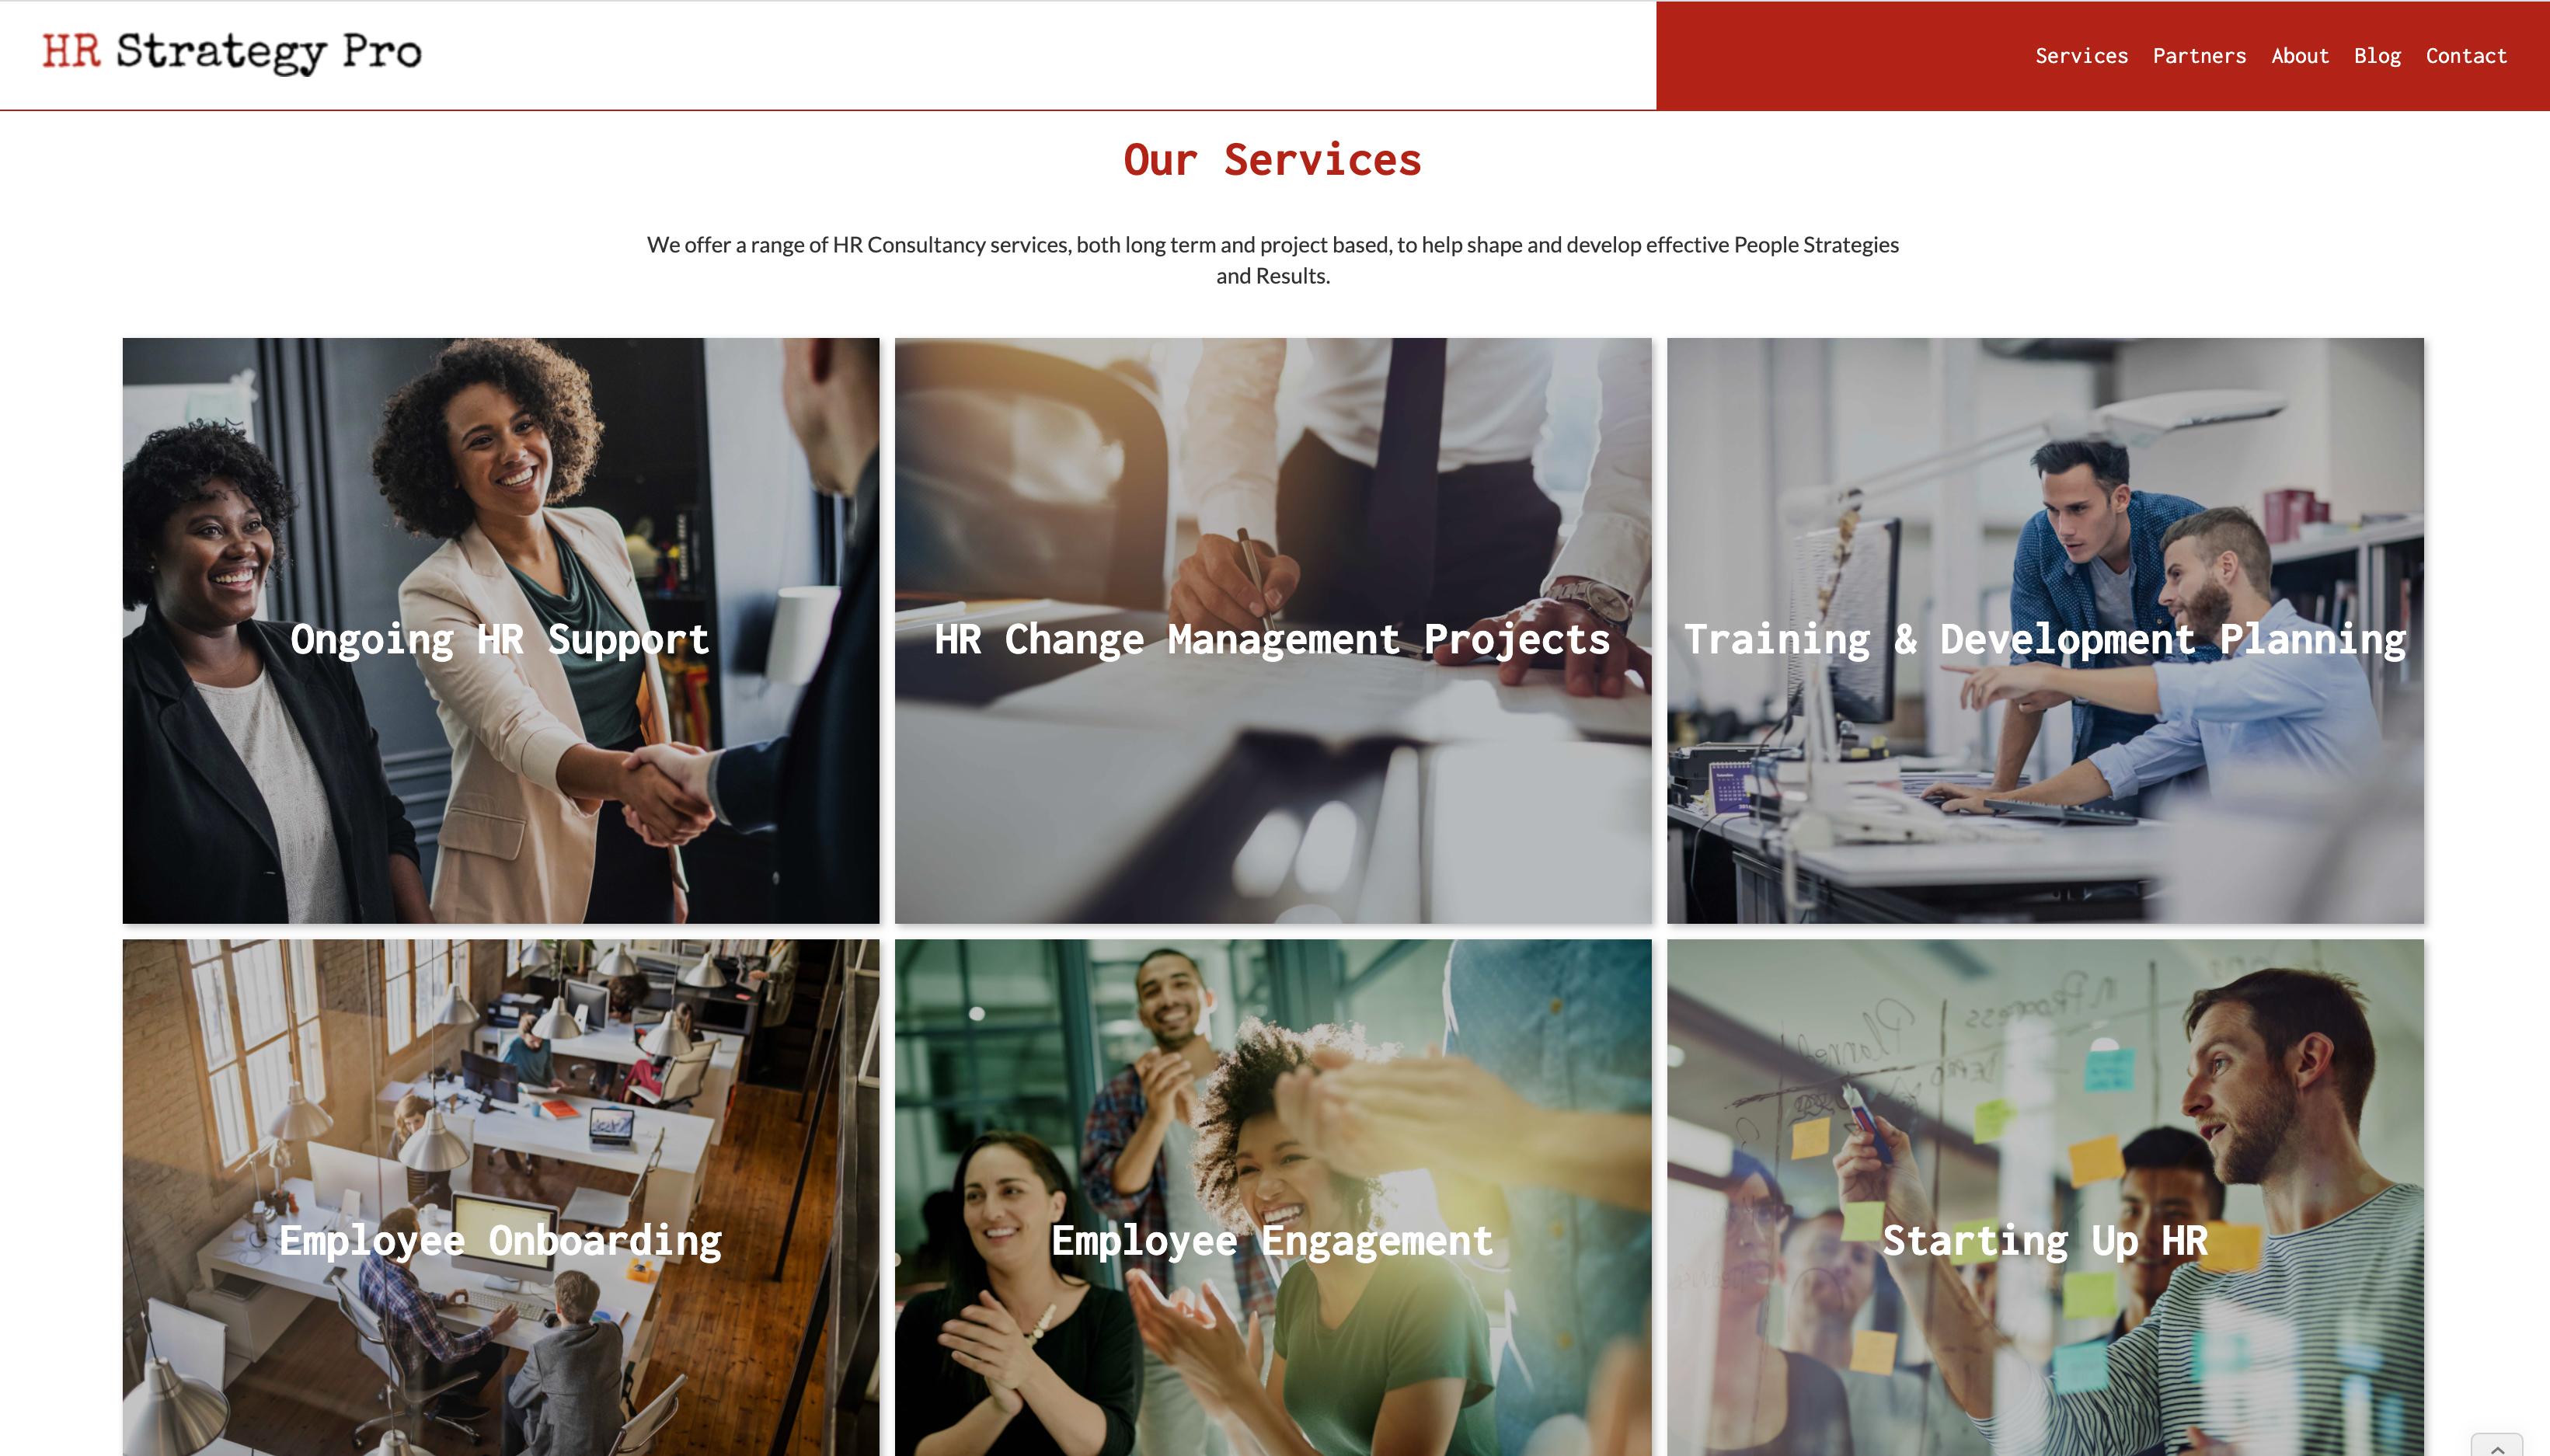 HRSP Services